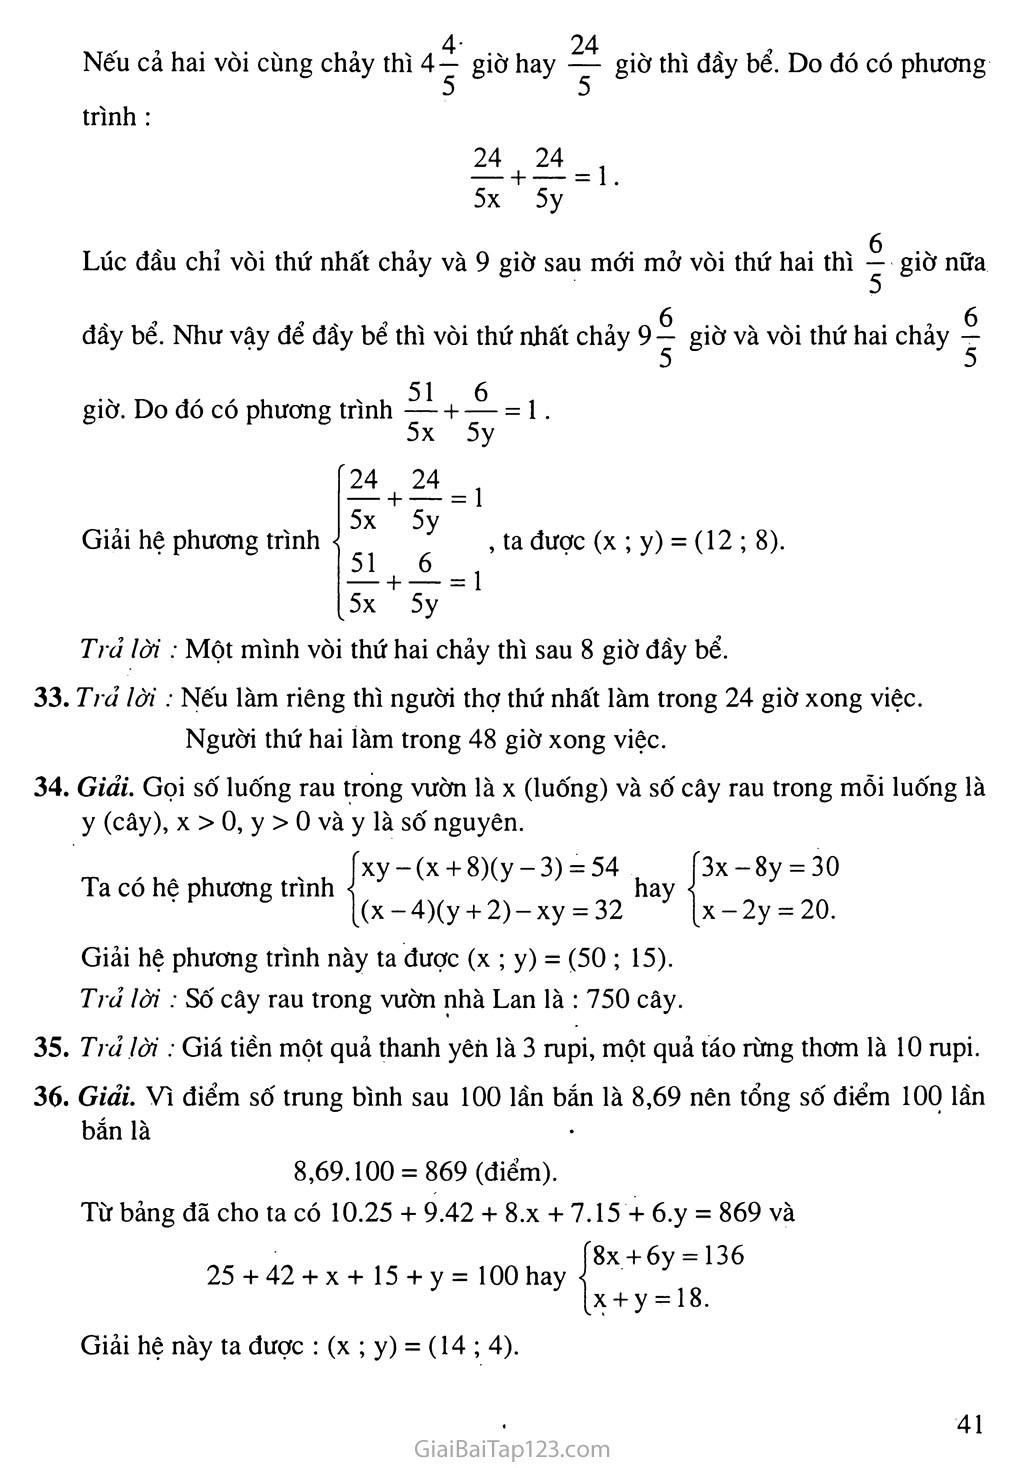 Bài 5. Giải bài toán bằng cách lập hệ phương trình trang 6